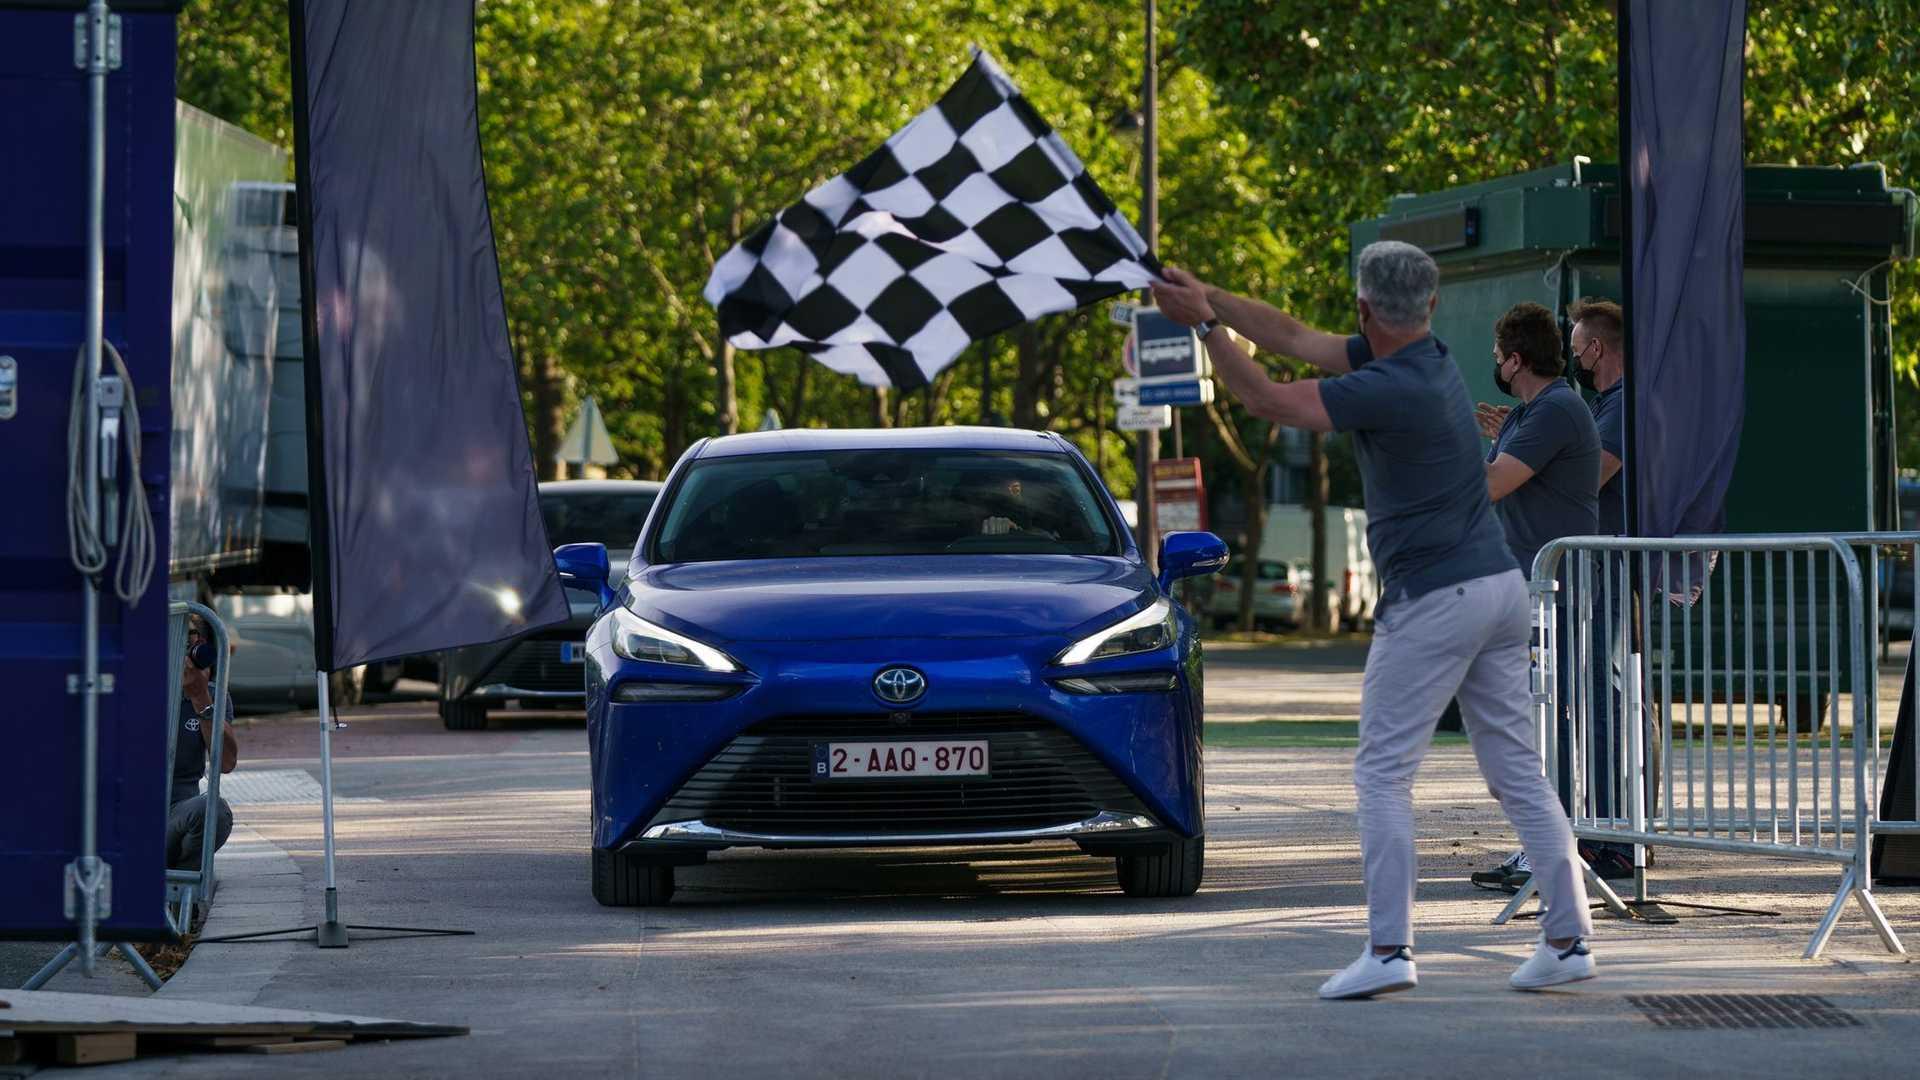 Седан Toyota установил новый мировой рекорд пробега на водороде  1